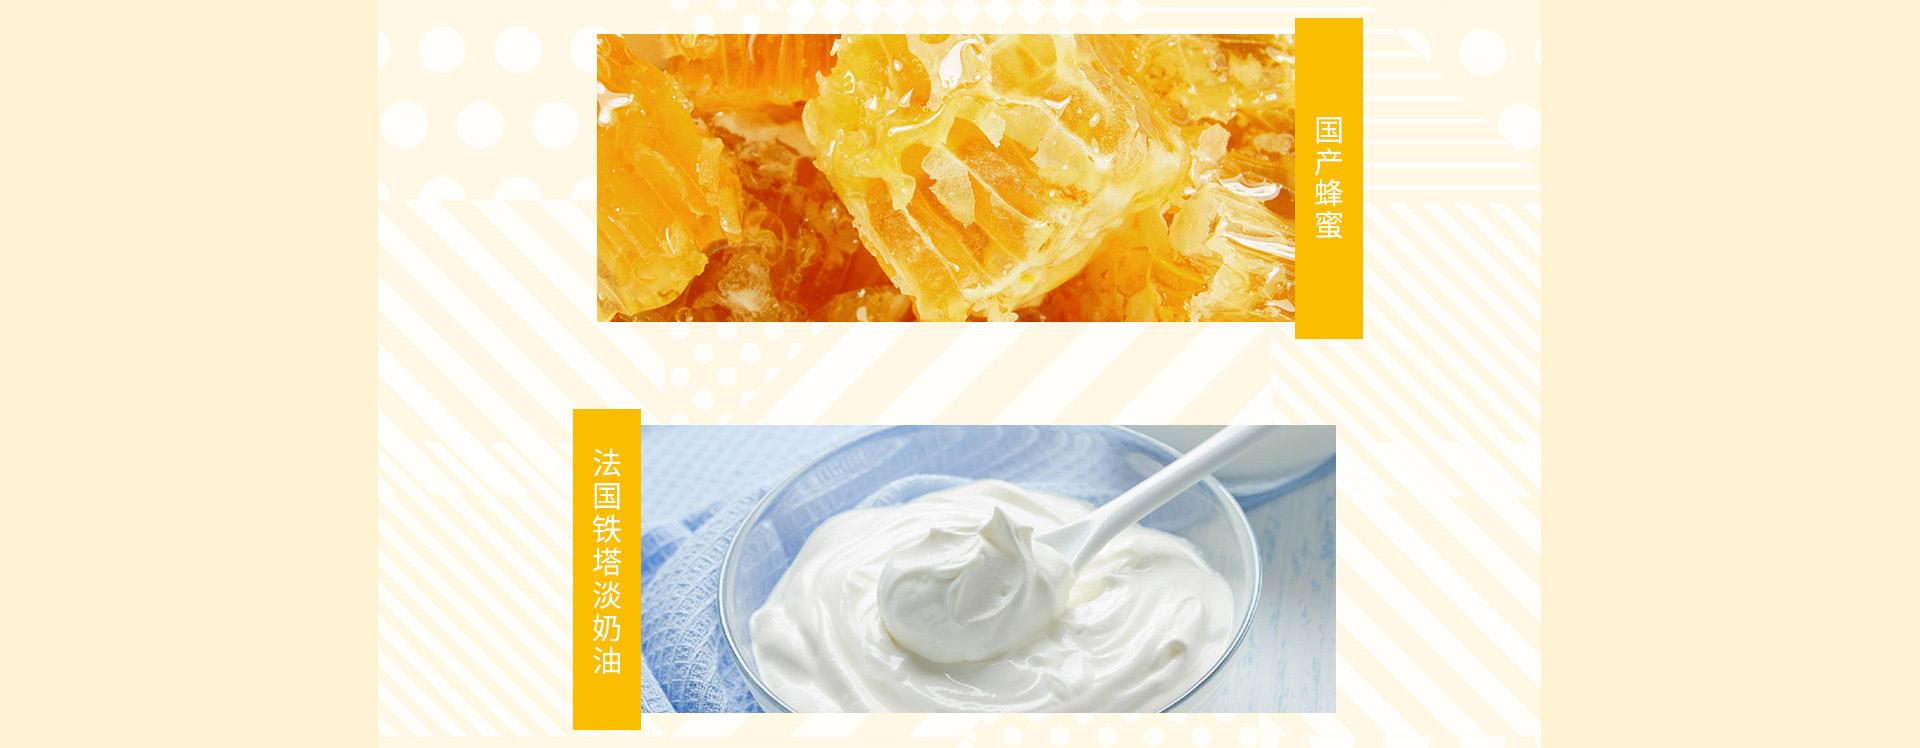 国产蜂蜜 法国铁塔淡奶油